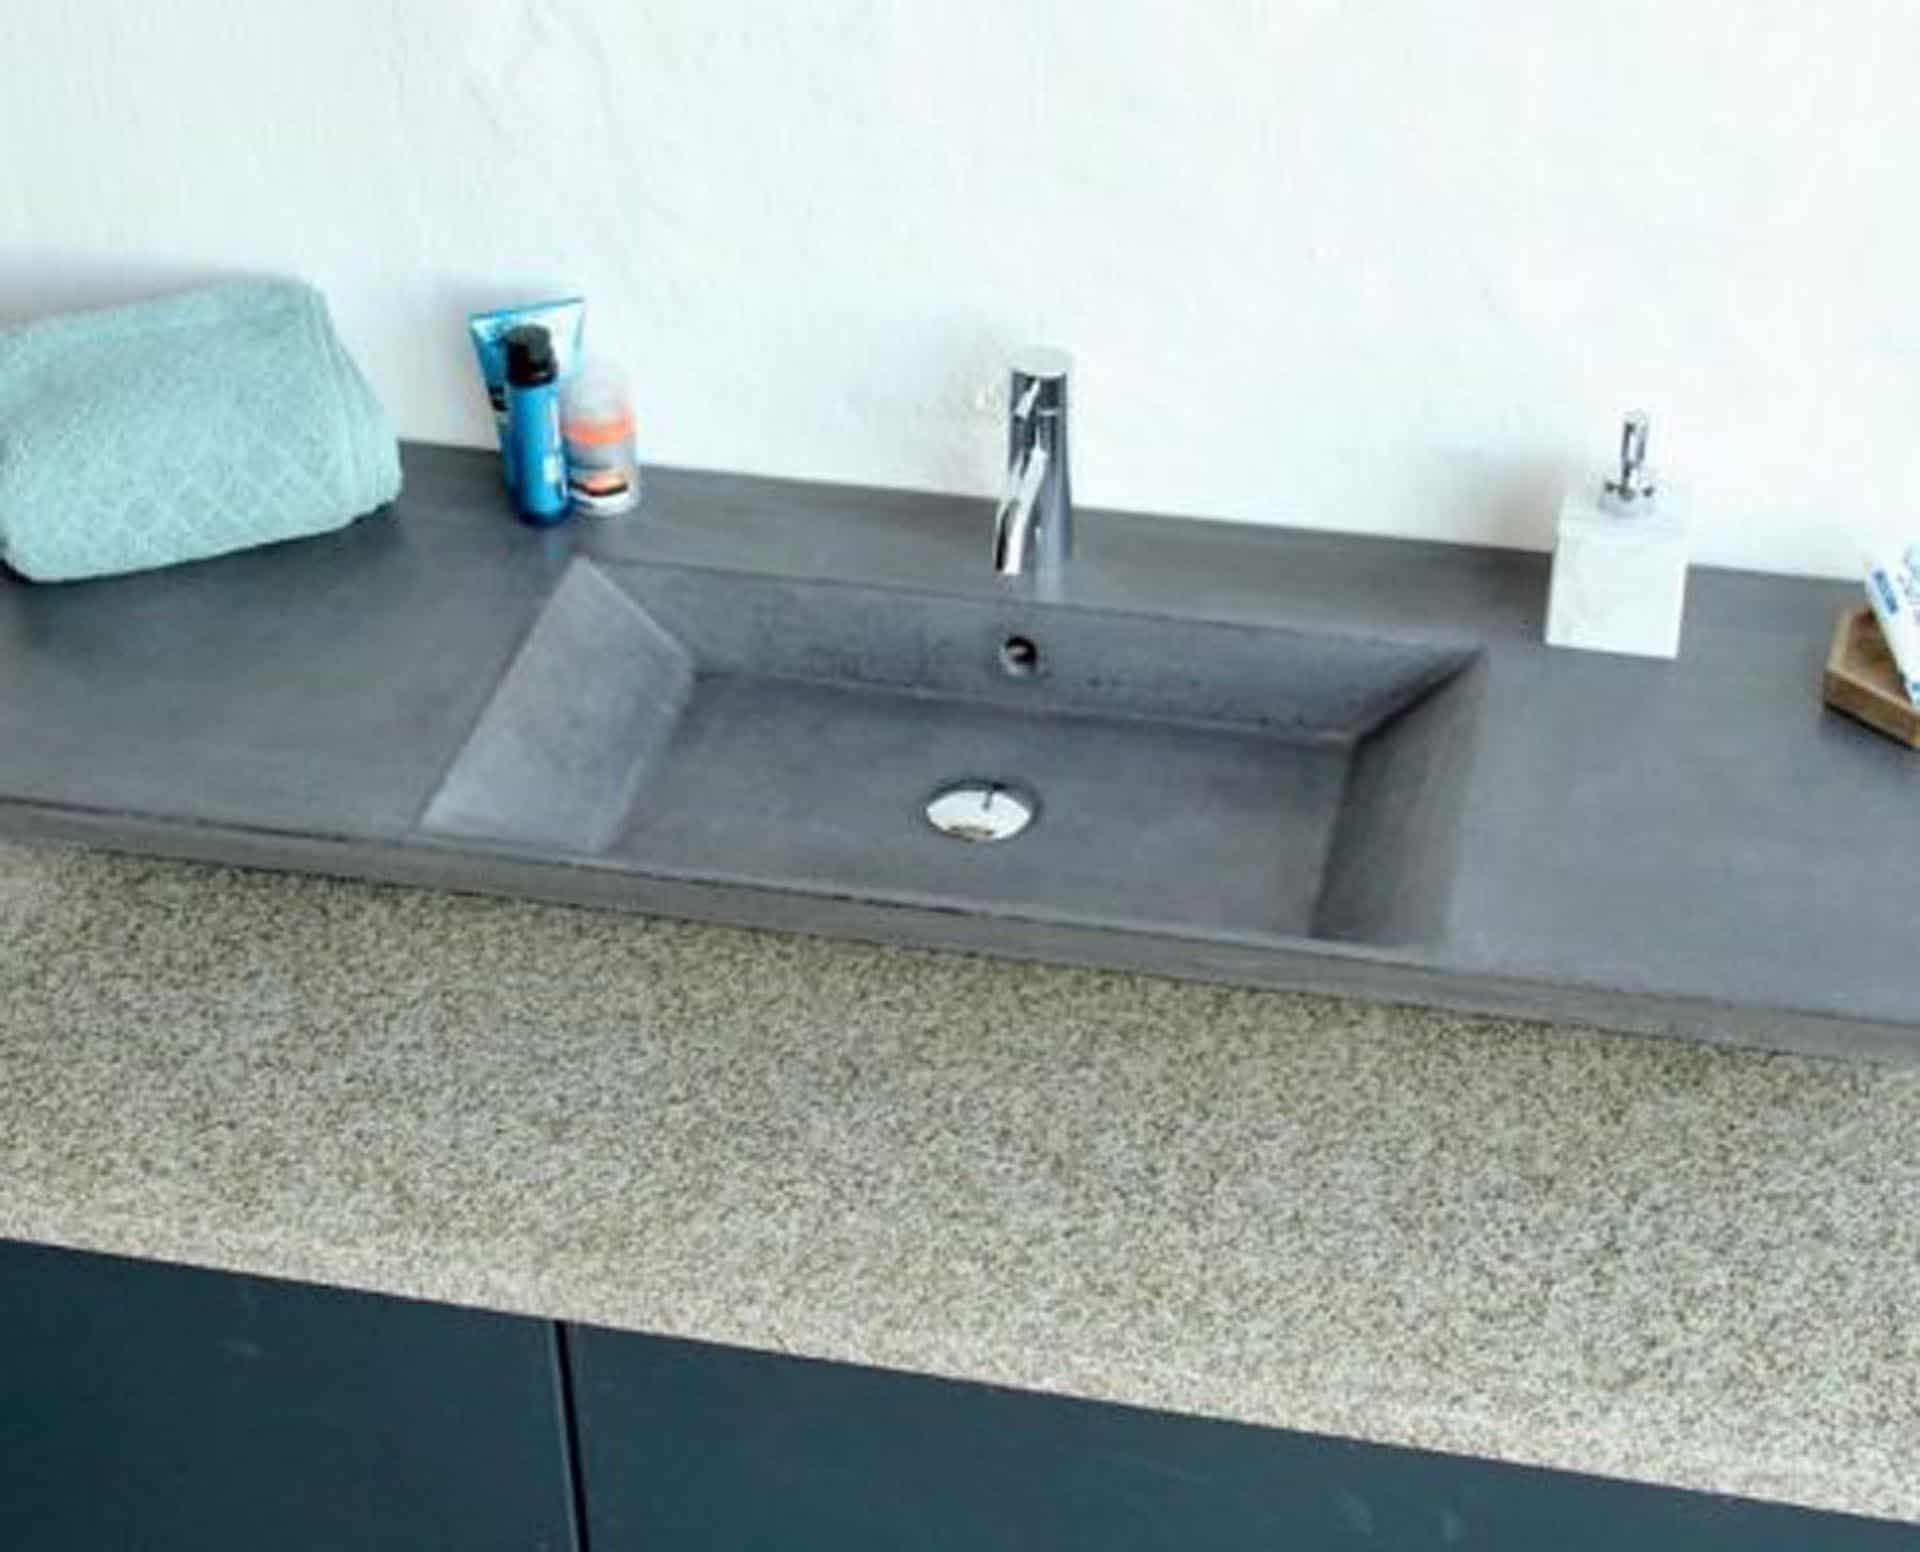 Lækker gnistret terrazzo håndvask, med pæne afrundinger. Farven er koksgrå med sorte og mørke sten - et råt look med en flot finish. Vasken har målene: 120/140 x 35,5 x 10 cm. Materialet er en blanding af cement og de små natursten der giver vasken sin flotte gnistrede finish. Vasken kan bruges som fritstående vask - da vasken er flad i bunden er den velegnet til at placere direkte på en bordplade. Vasken er hensynsmæssigt designet med fine rundinger, som både giver vasken et eksklusivt udtryk og gør den rengøringsvenlig. Vasken vedligeholdes med voks - vi anbefaler en behandling med vores egen naturvoks ID12002 et par gange om året for at opnå optimalt look.